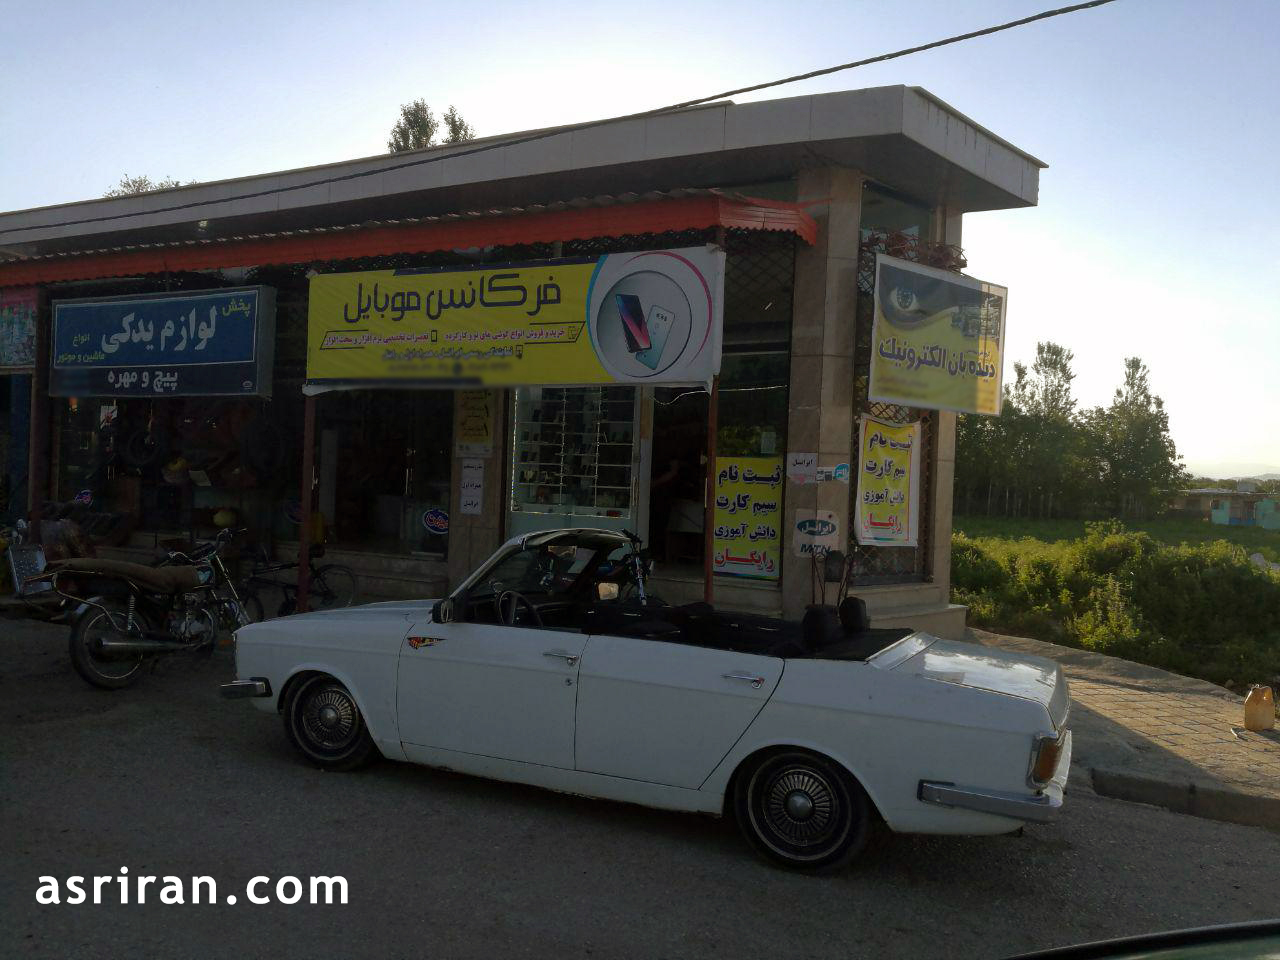 پیکان کروک در ایران (عکس)